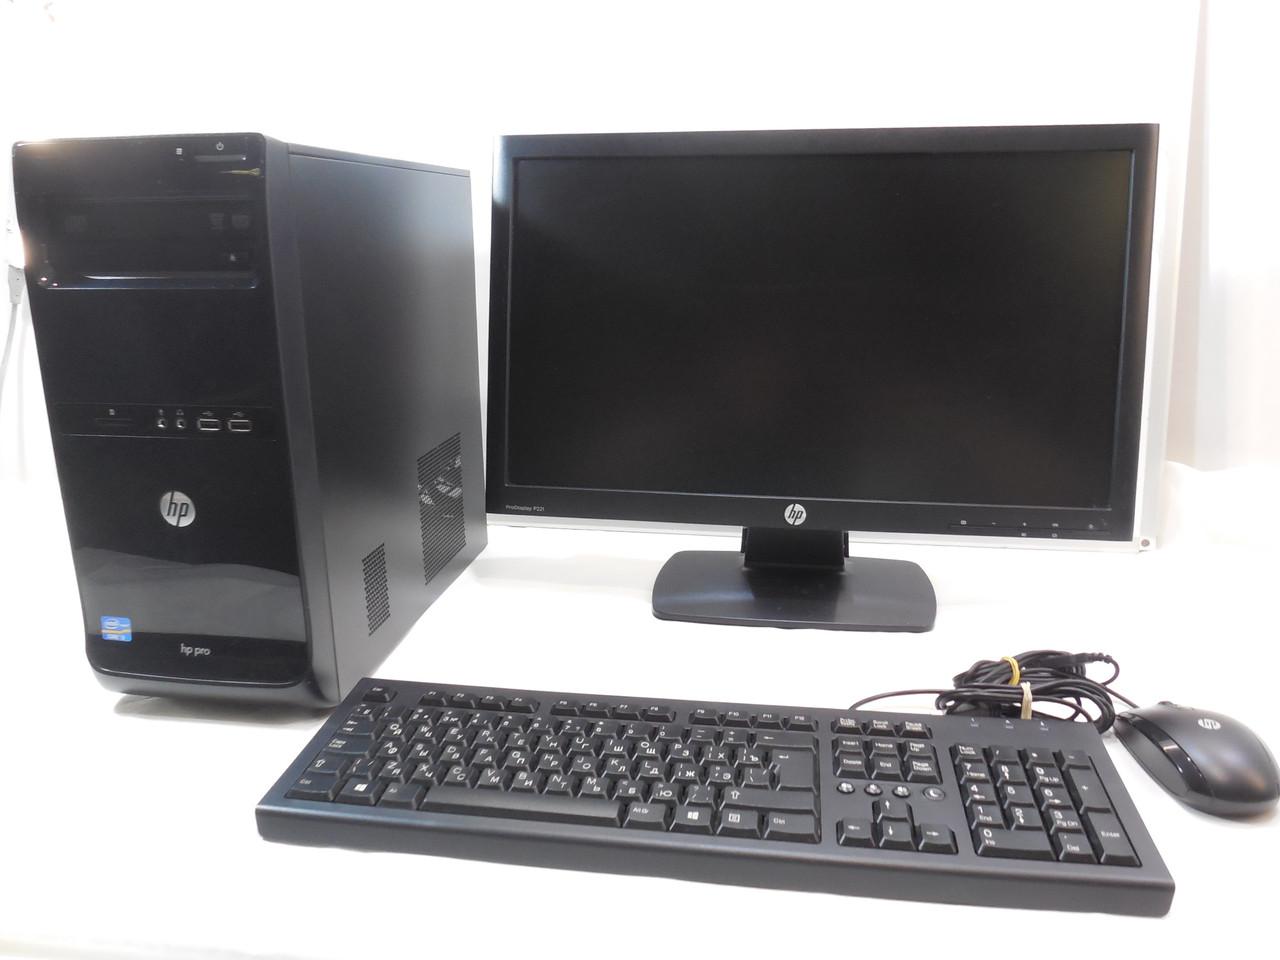 Компьютер в сборе, Intel Core 2 Duo 2x2.5 Ггц, 8 Гб ОЗУ DDR2, 320 Гб HDD, монитор 19 дюймов 16:9